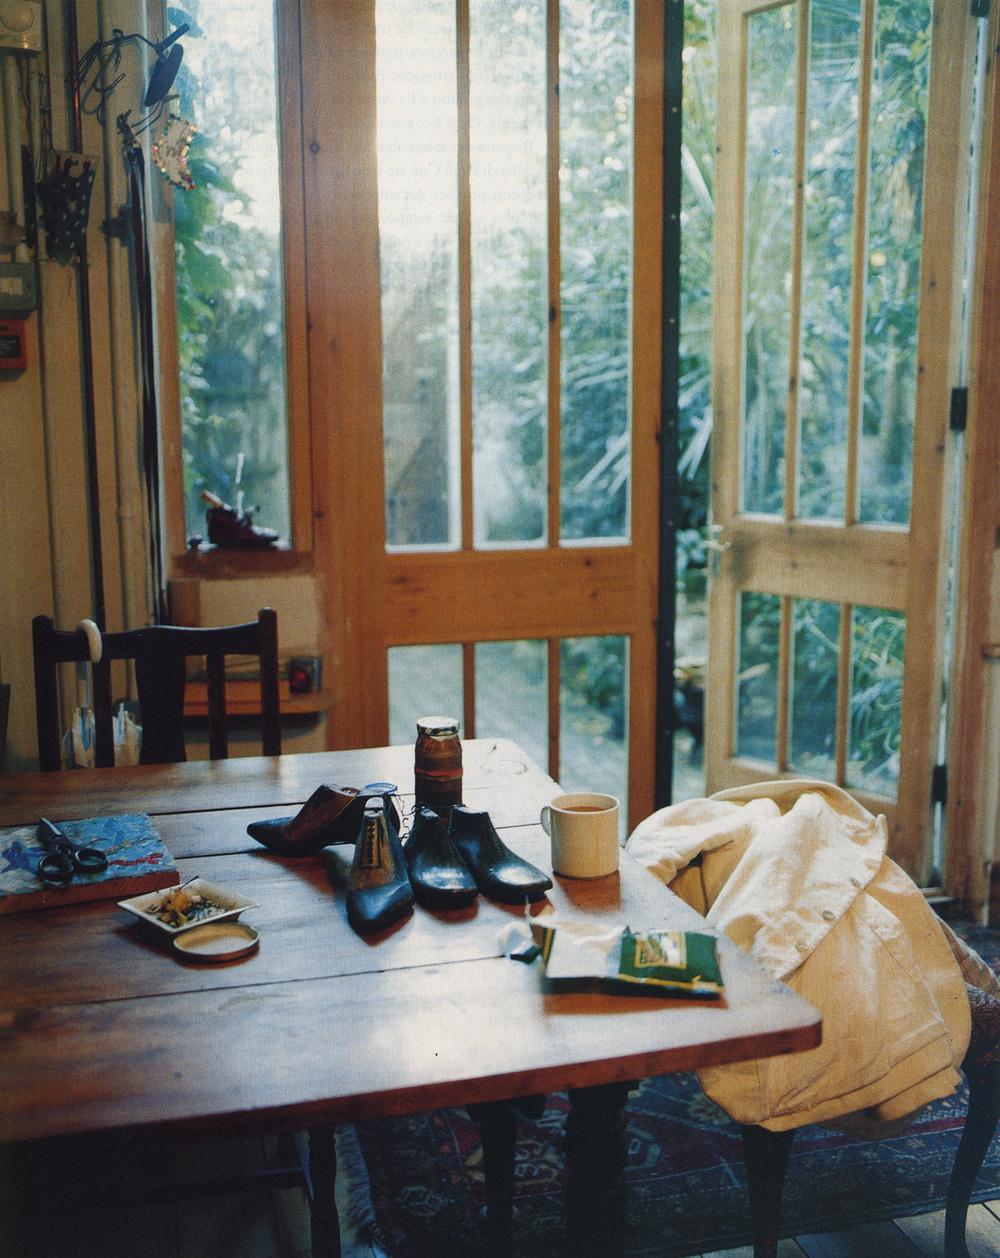 interior (9 of 9).jpg